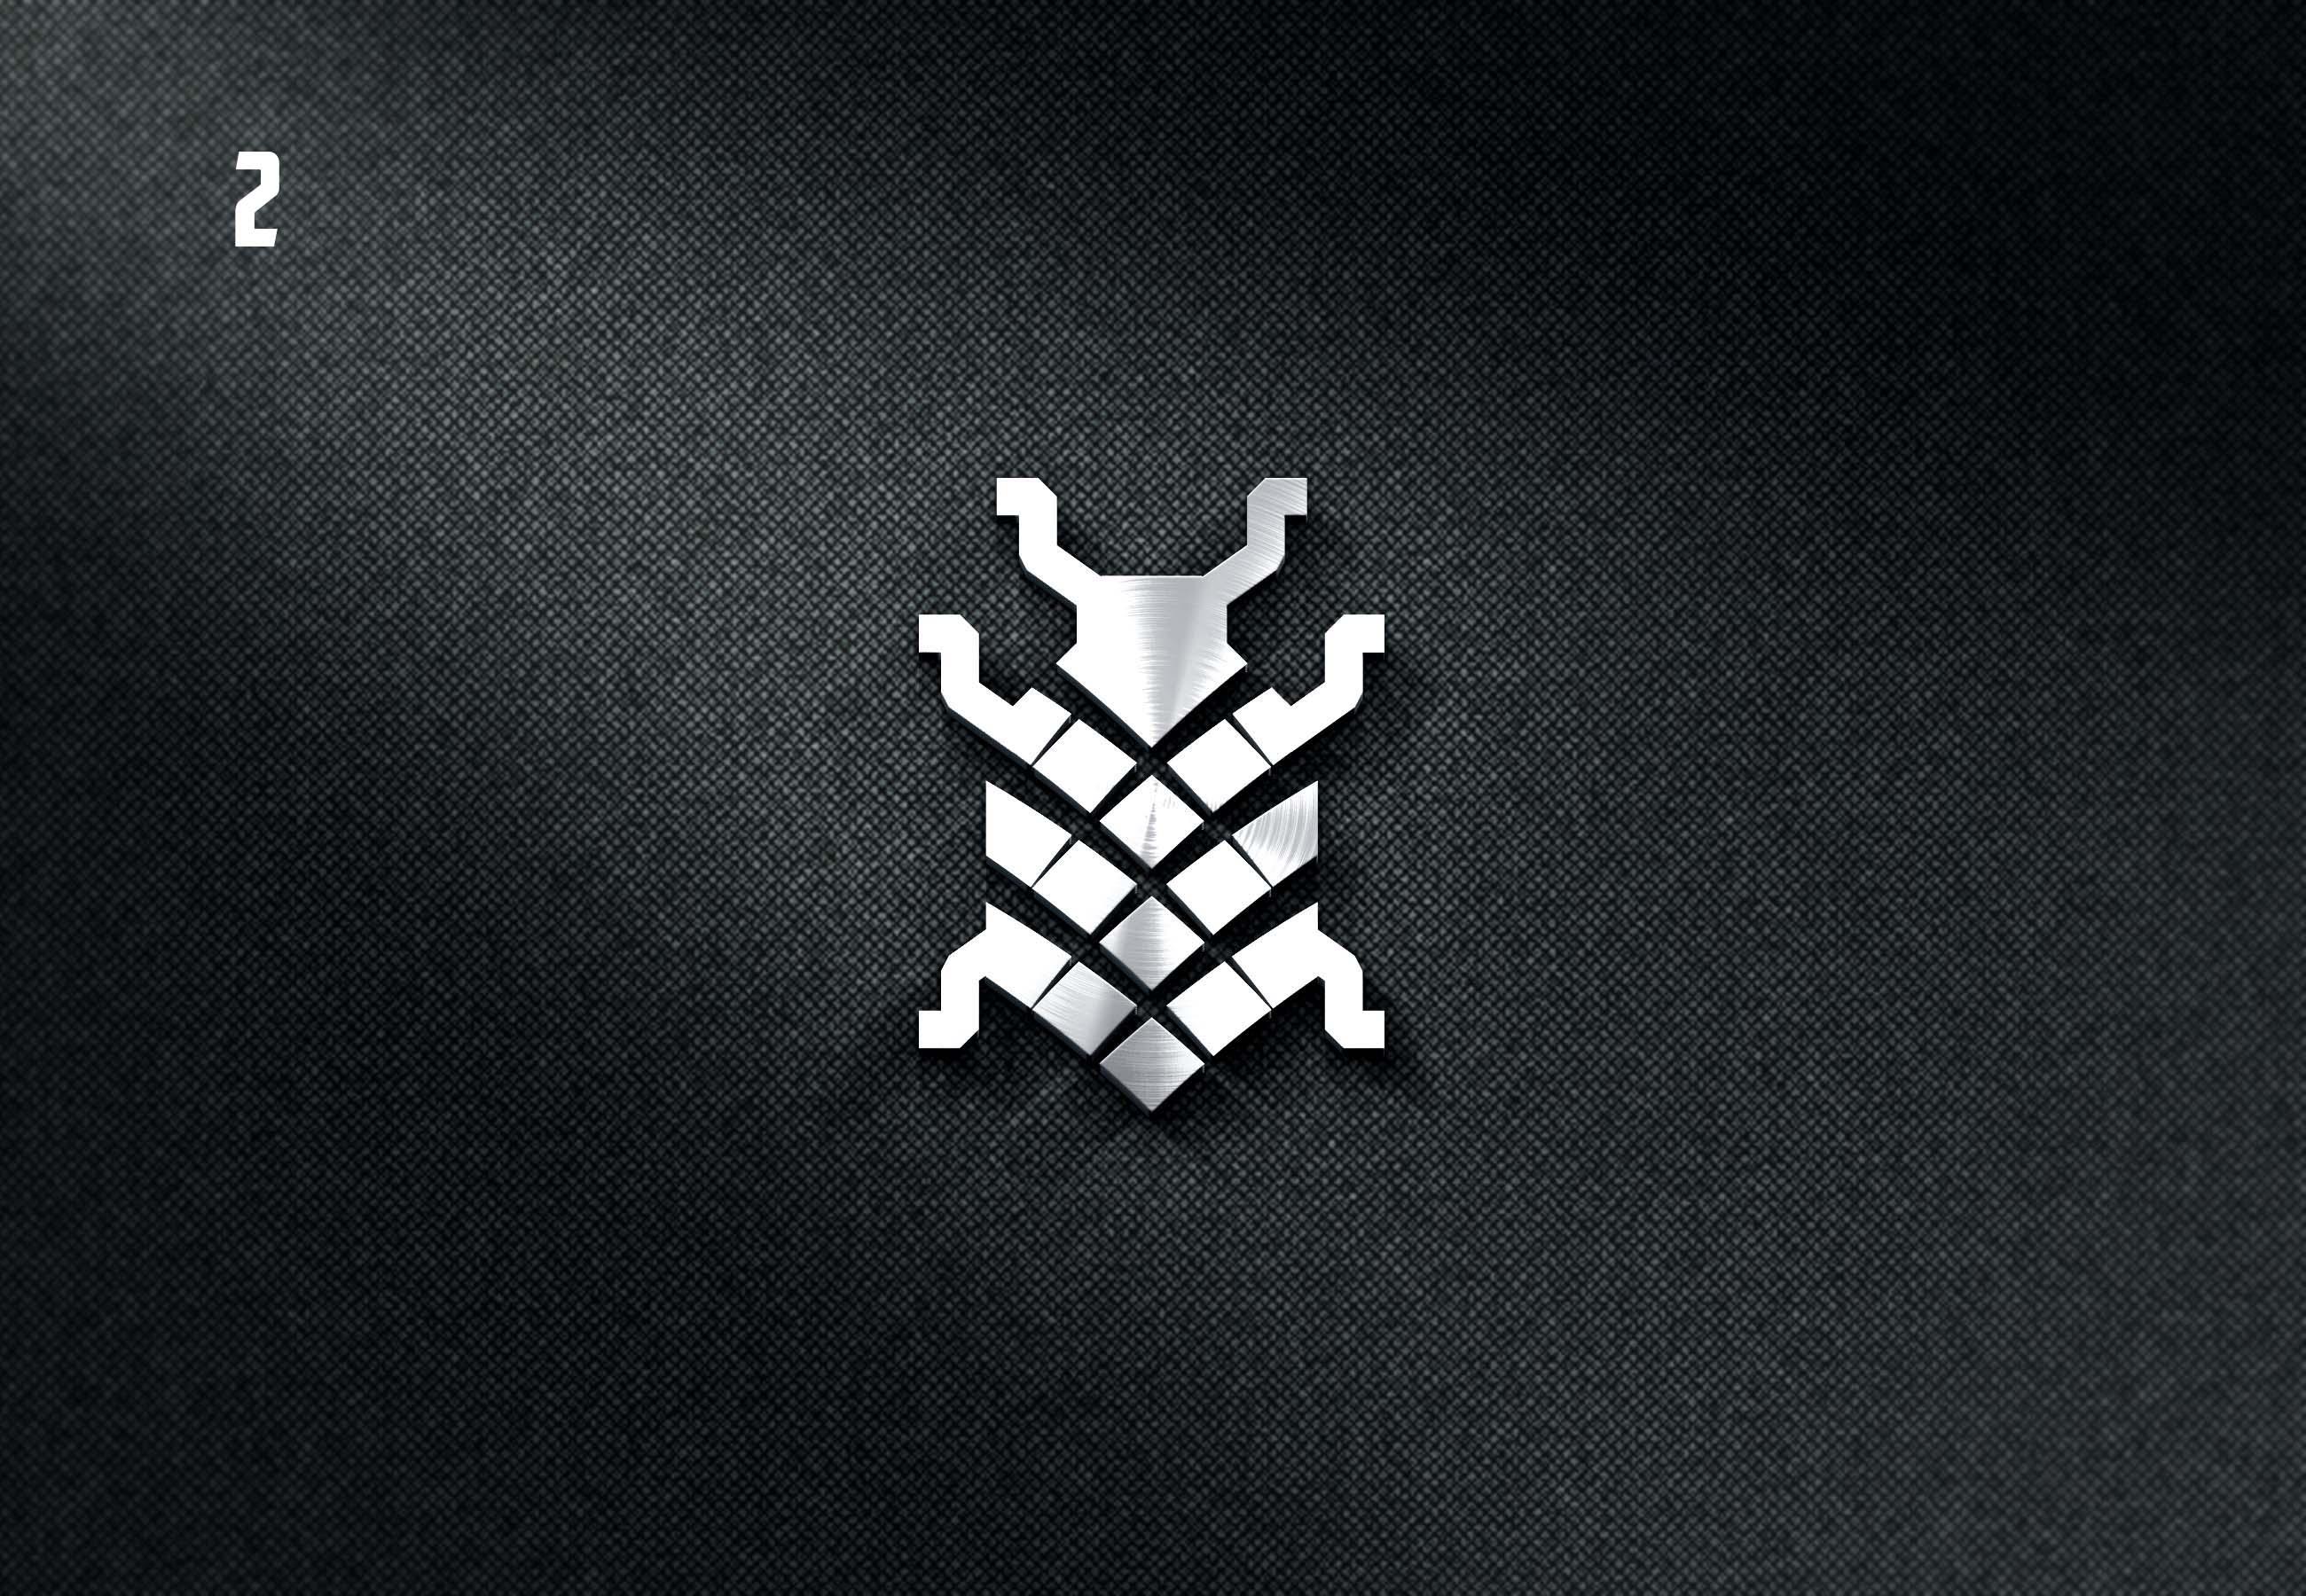 Нужен логотип (эмблема) для самодельного квадроцикла фото f_2995b1033389390f.jpg